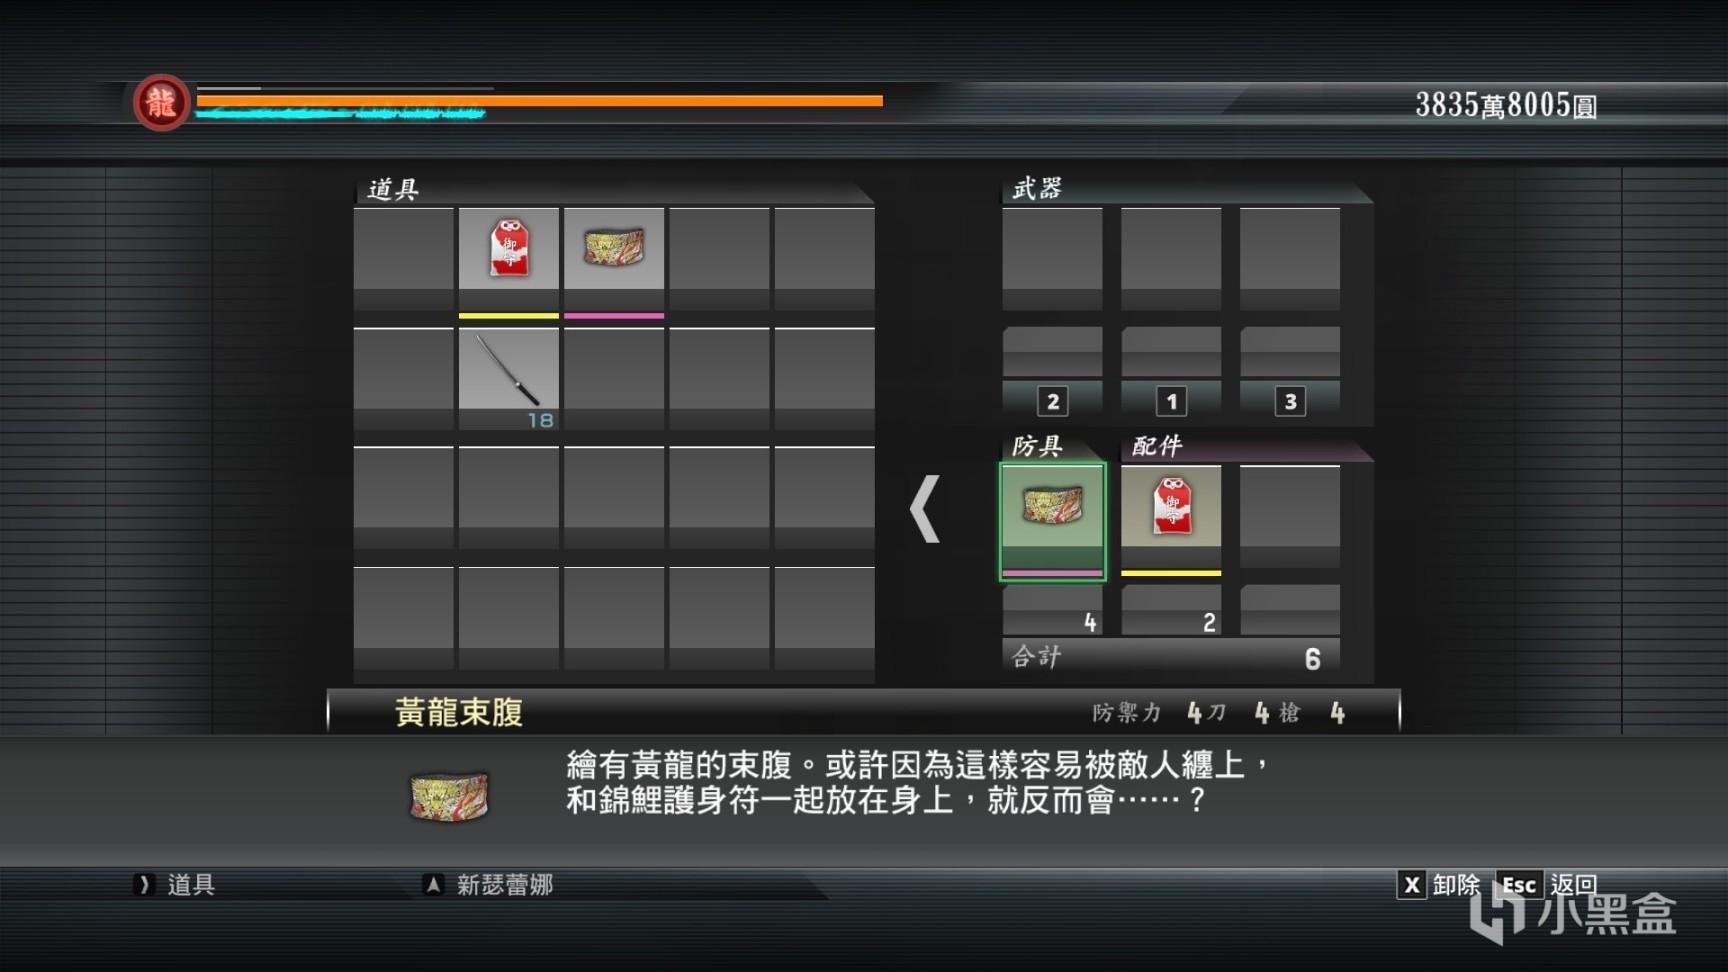 如龙(Yakuza)PC全系列(0~7)游戏介绍及游玩一览(中)插图43